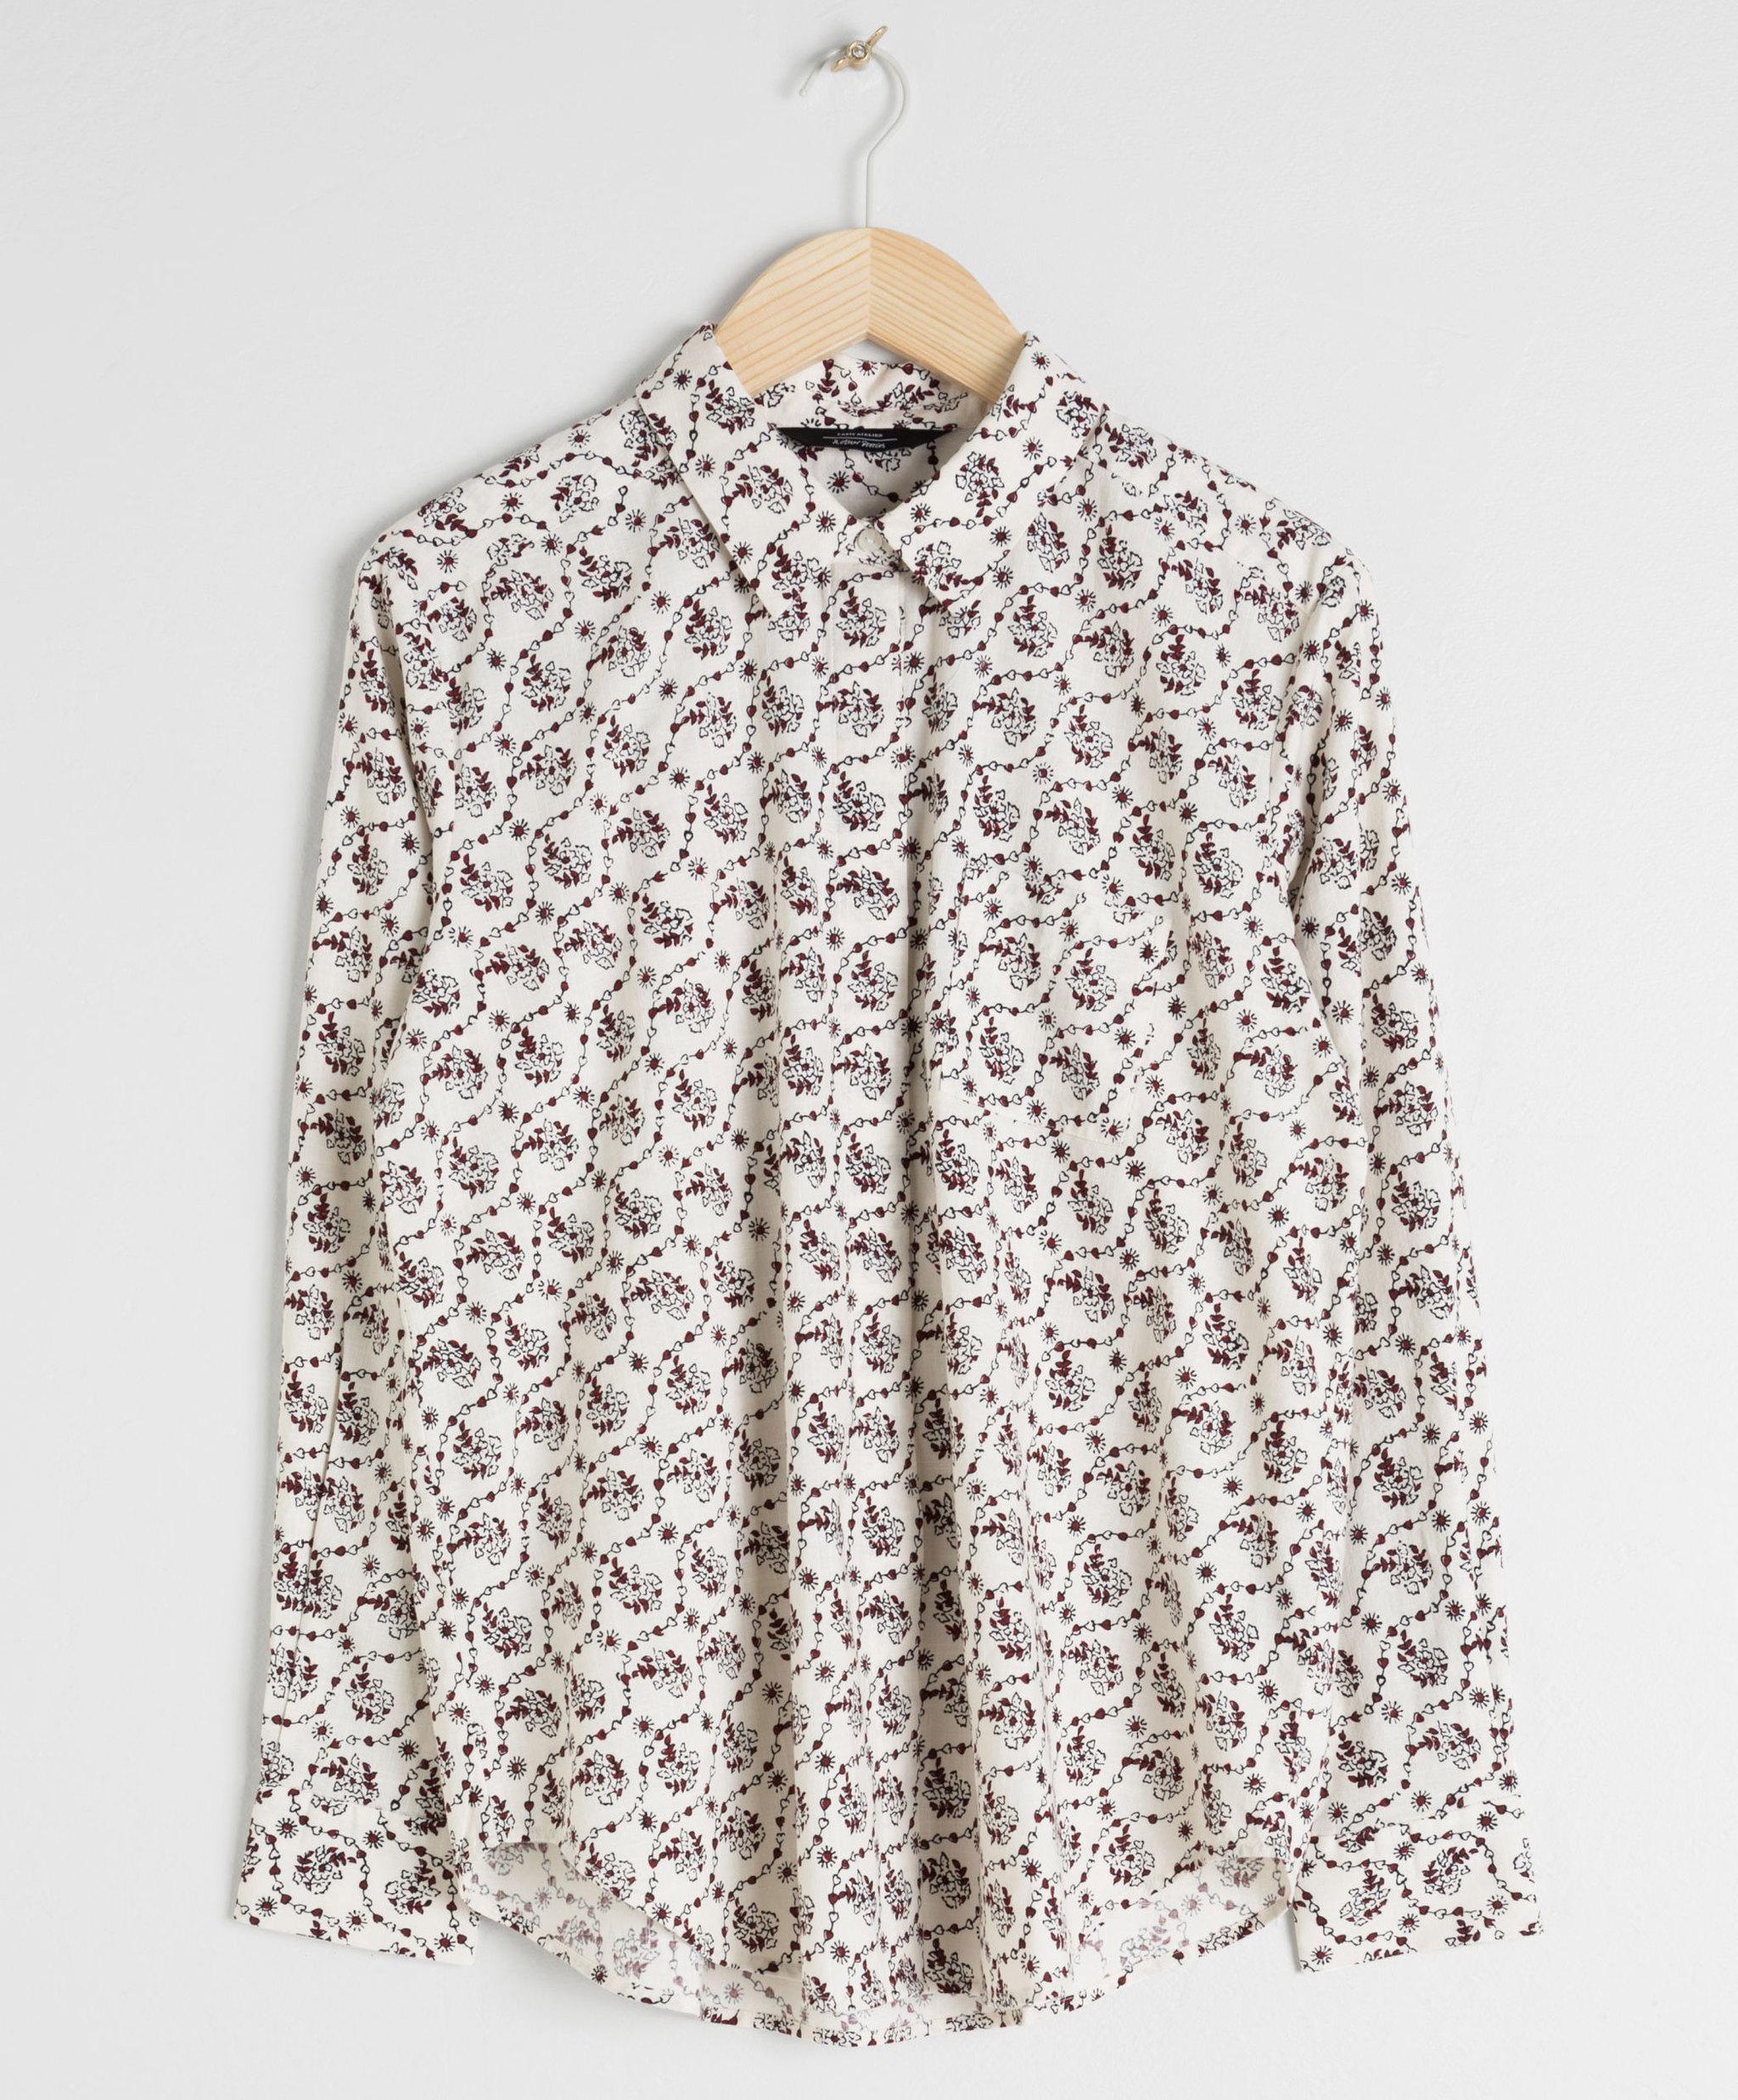 Camisa con estampado, de &OtherStories (49 euros).